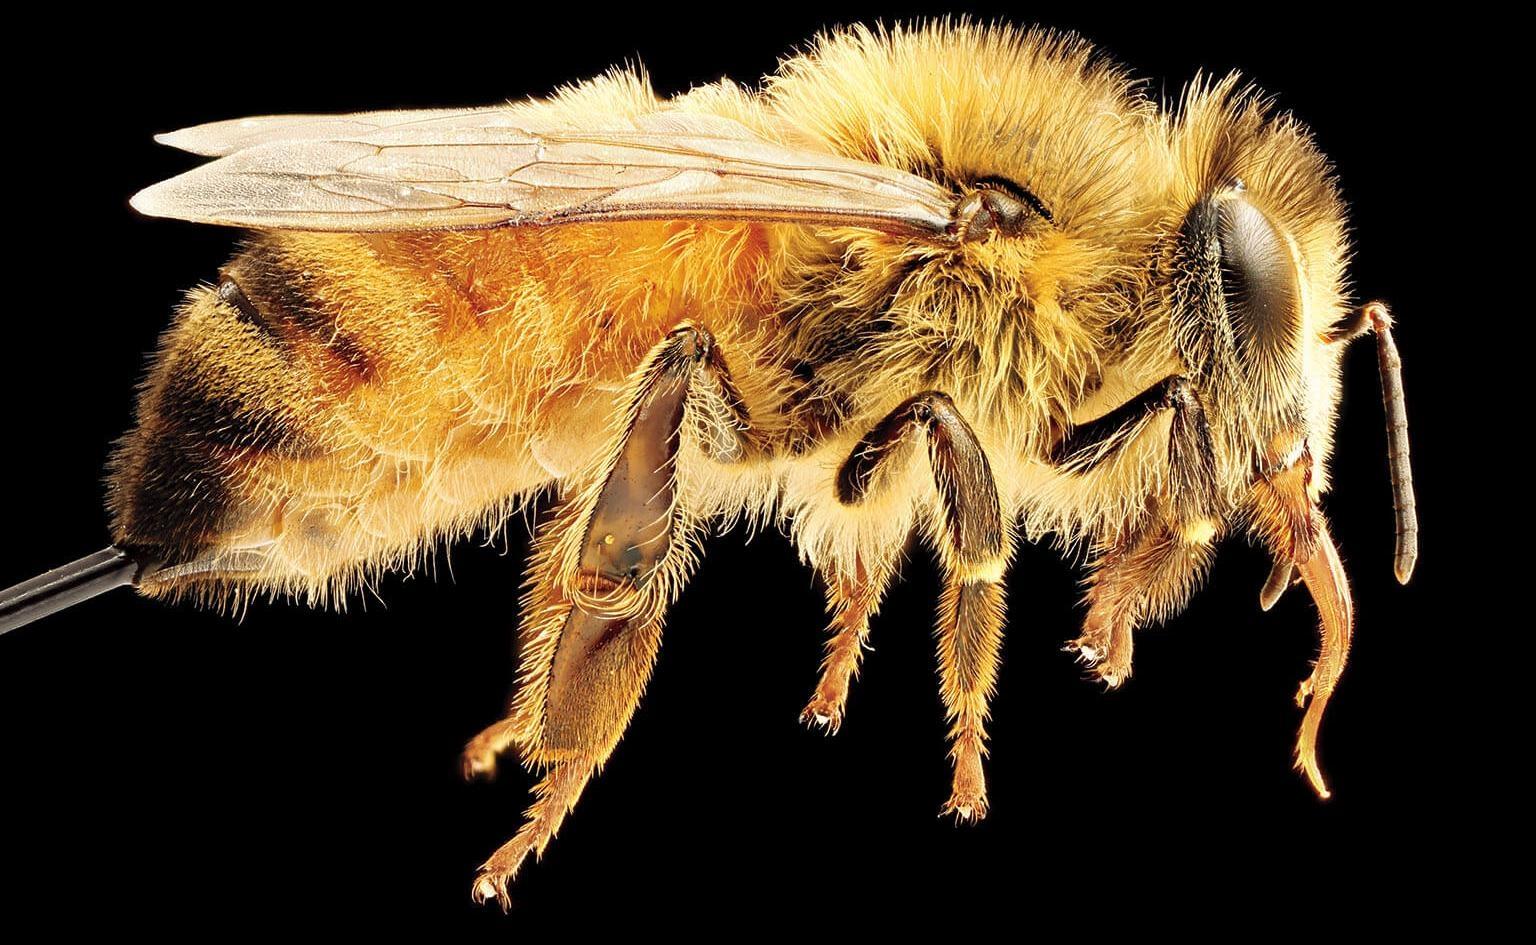 西方蜜蜂(Apis mellifera,上)是歐洲、中東和非洲的原生物種。這種蜜蜂如今是北美最受矚目的蜂種之一,不過健康狀況堪慮。PHOTO: USGS BEE INVENTORY AND MONITORING LABORATORY